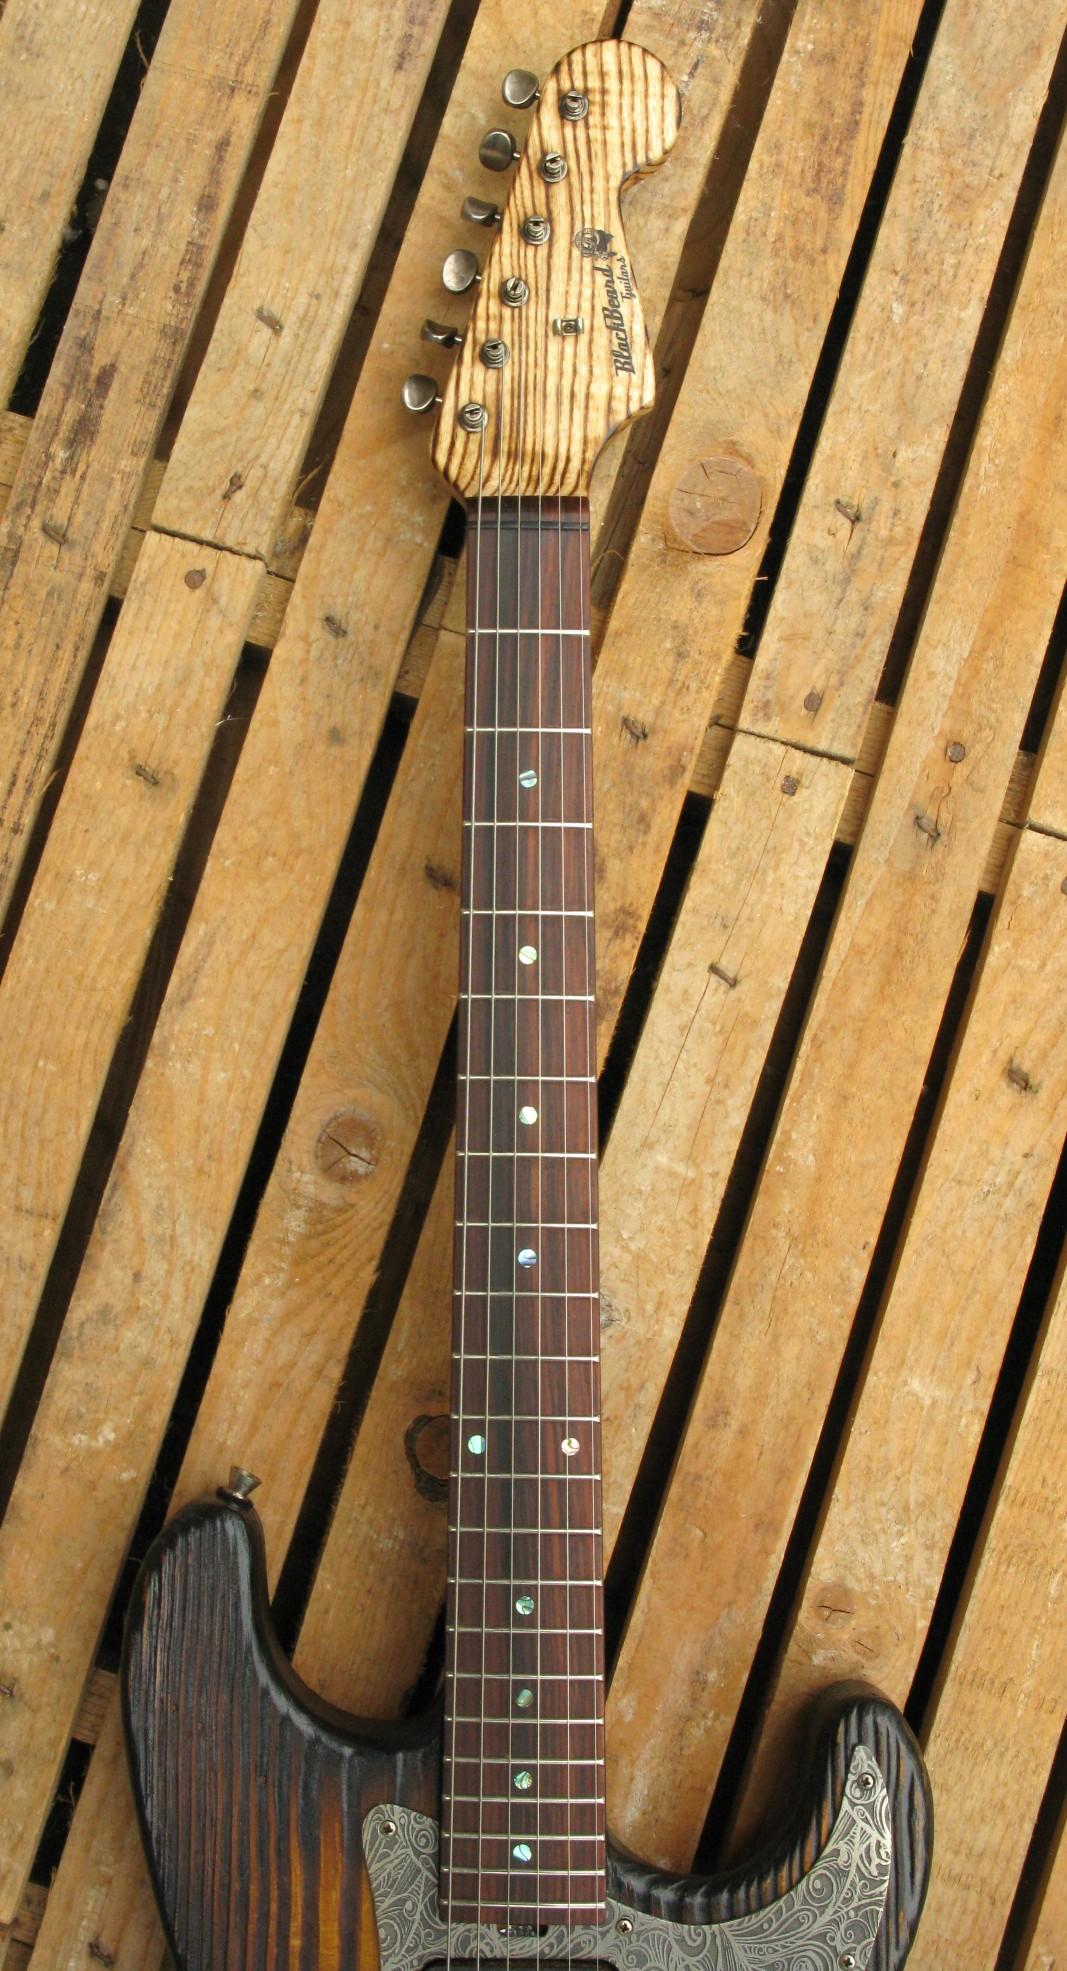 Tastiera in palissandro di una chitarra elettrica Stratocaster in pino